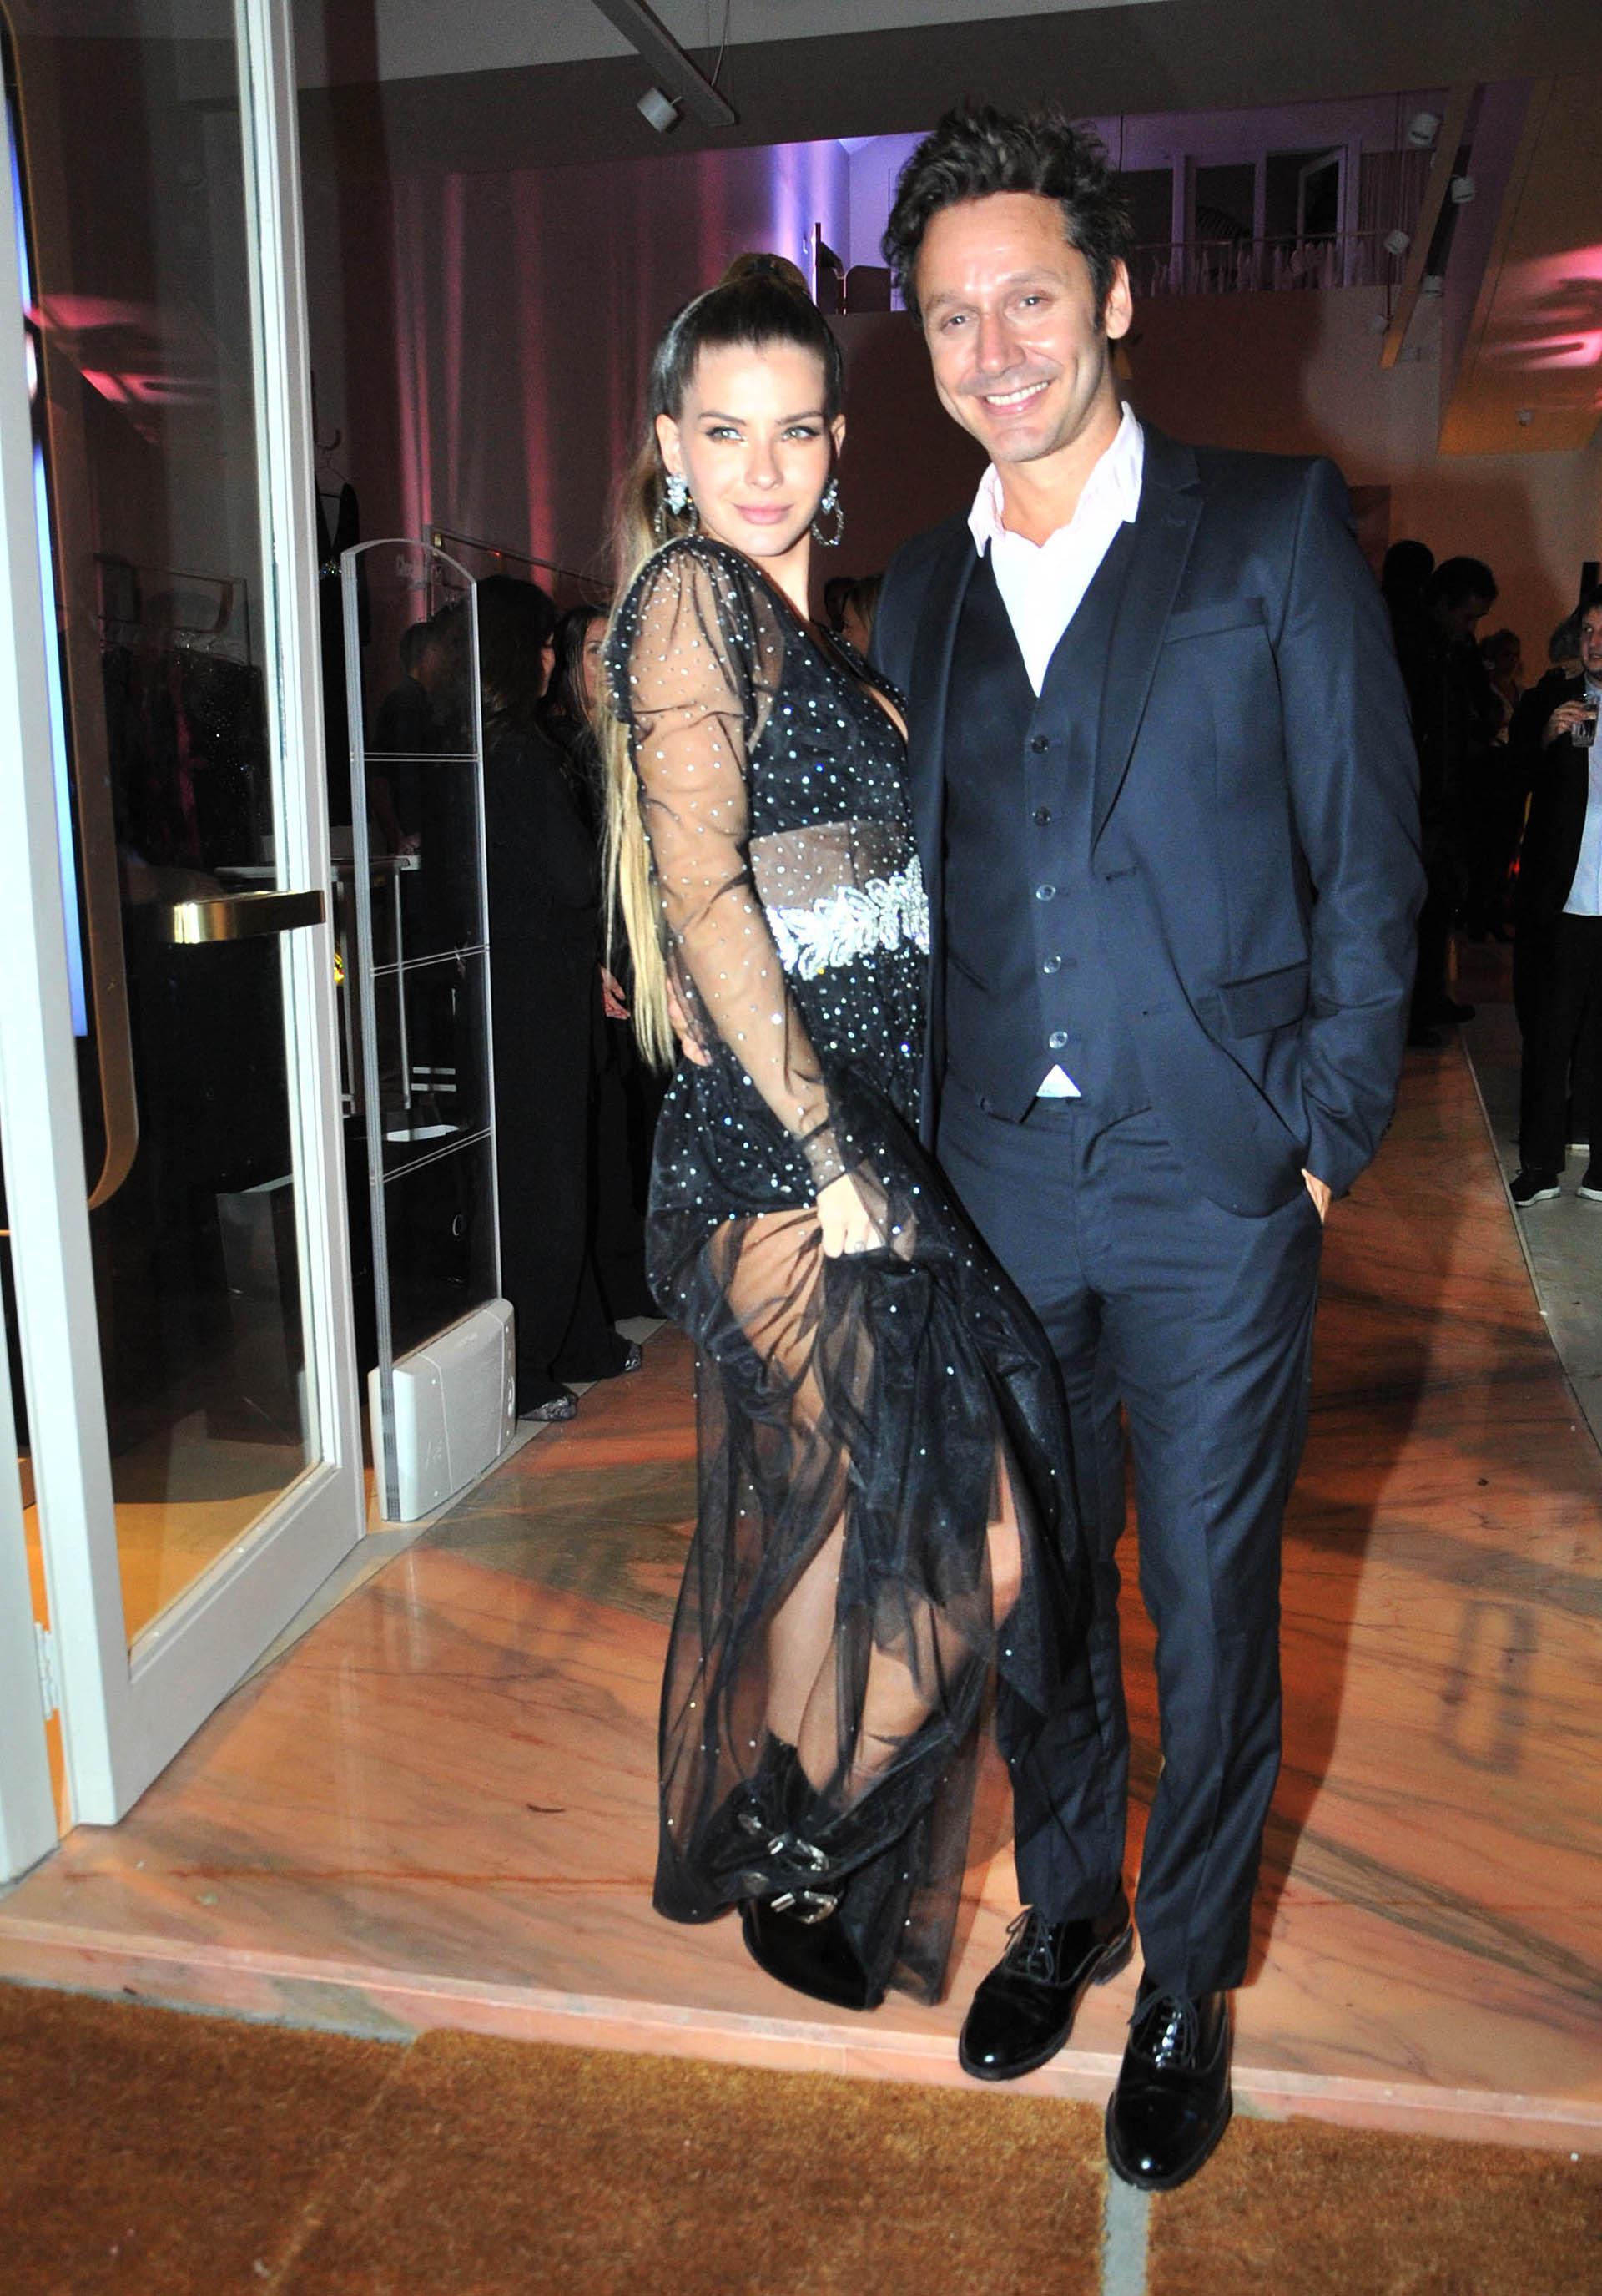 La China Suárez lució un vestido negro con brillos muy sensual. Benjamín, muy elegante con un traje azul marino (Verónica Guerman / Teleshow)